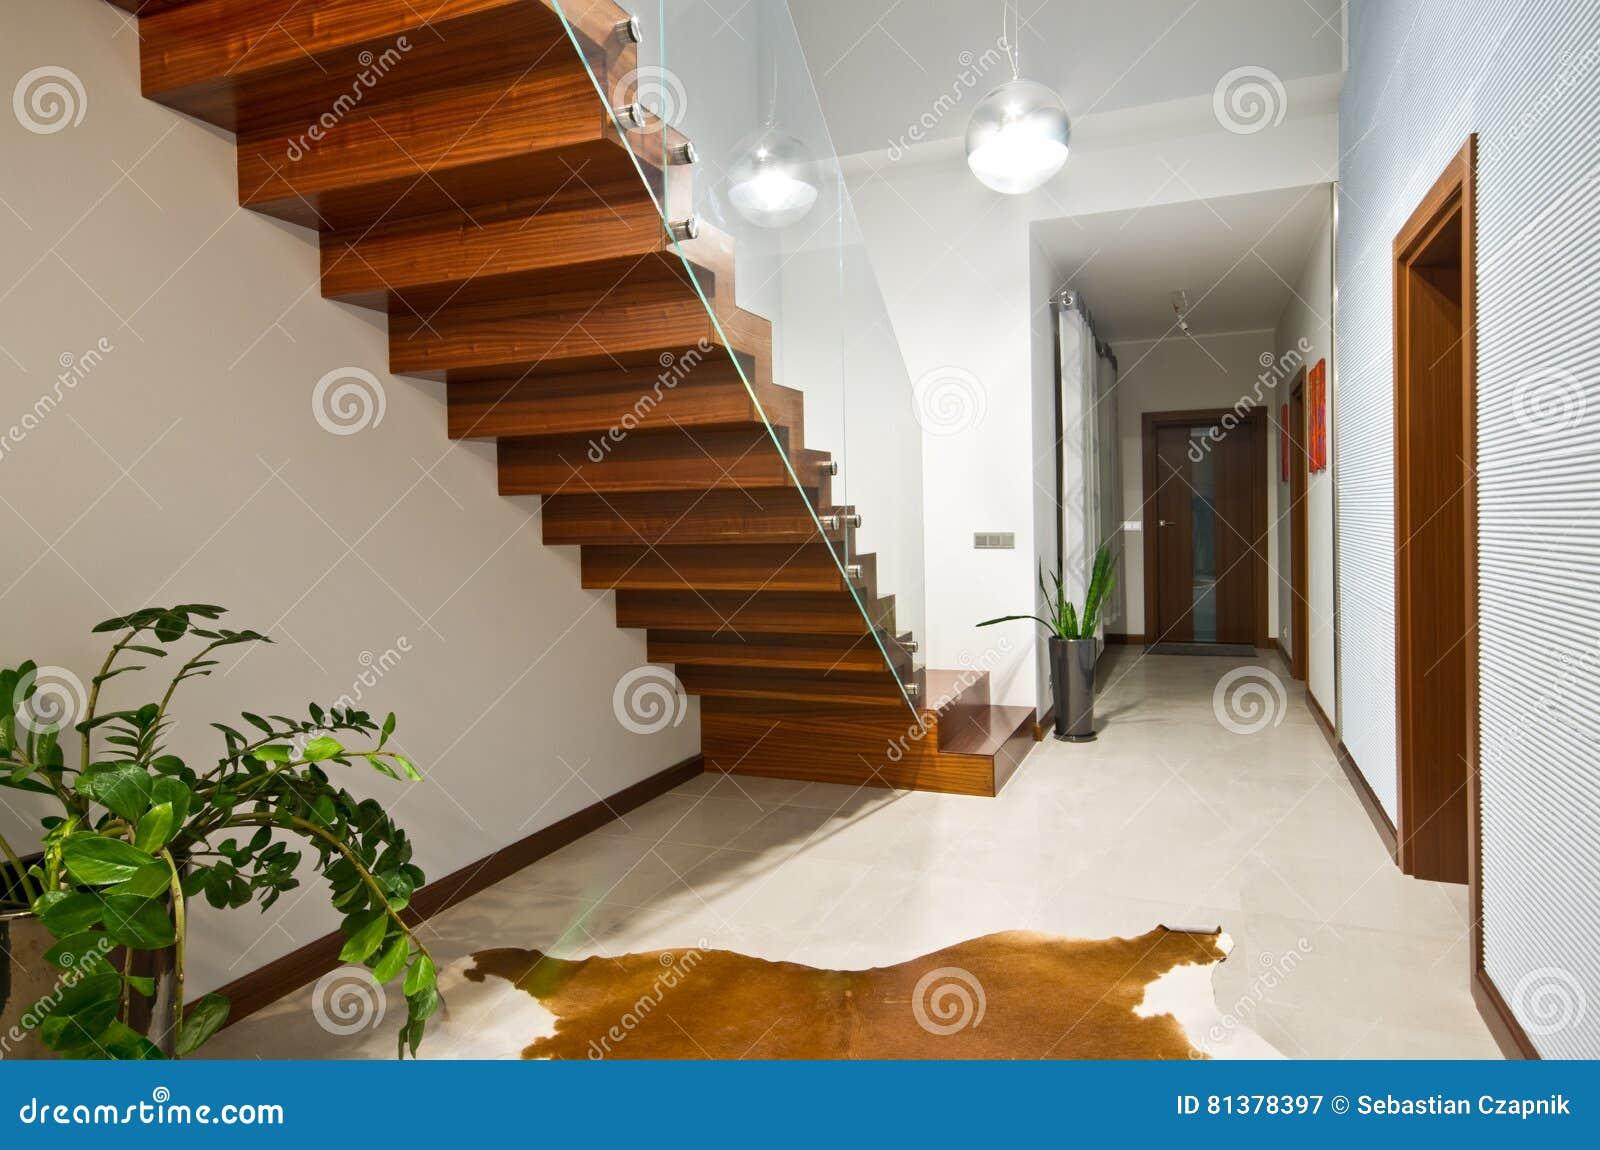 Escaleras modernas con la barandilla de cristal imagen de archivo imagen de interiores - Barandillas para escaleras interiores modernas ...